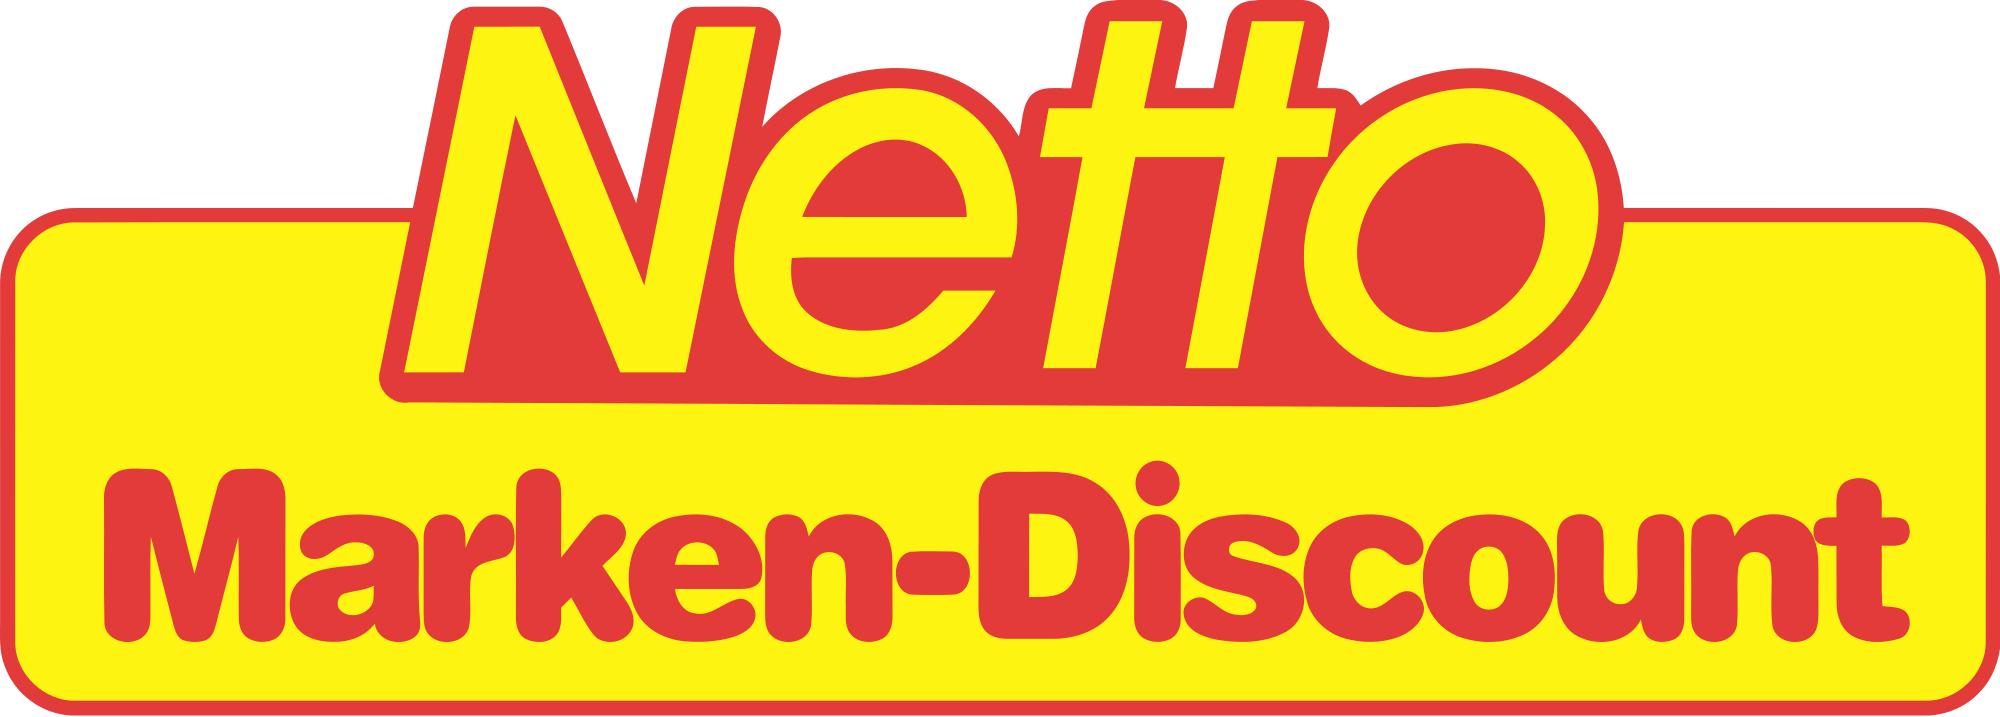 Netto Markt 30% Rabatt auf Obst und Gemüse !!Lokal!!